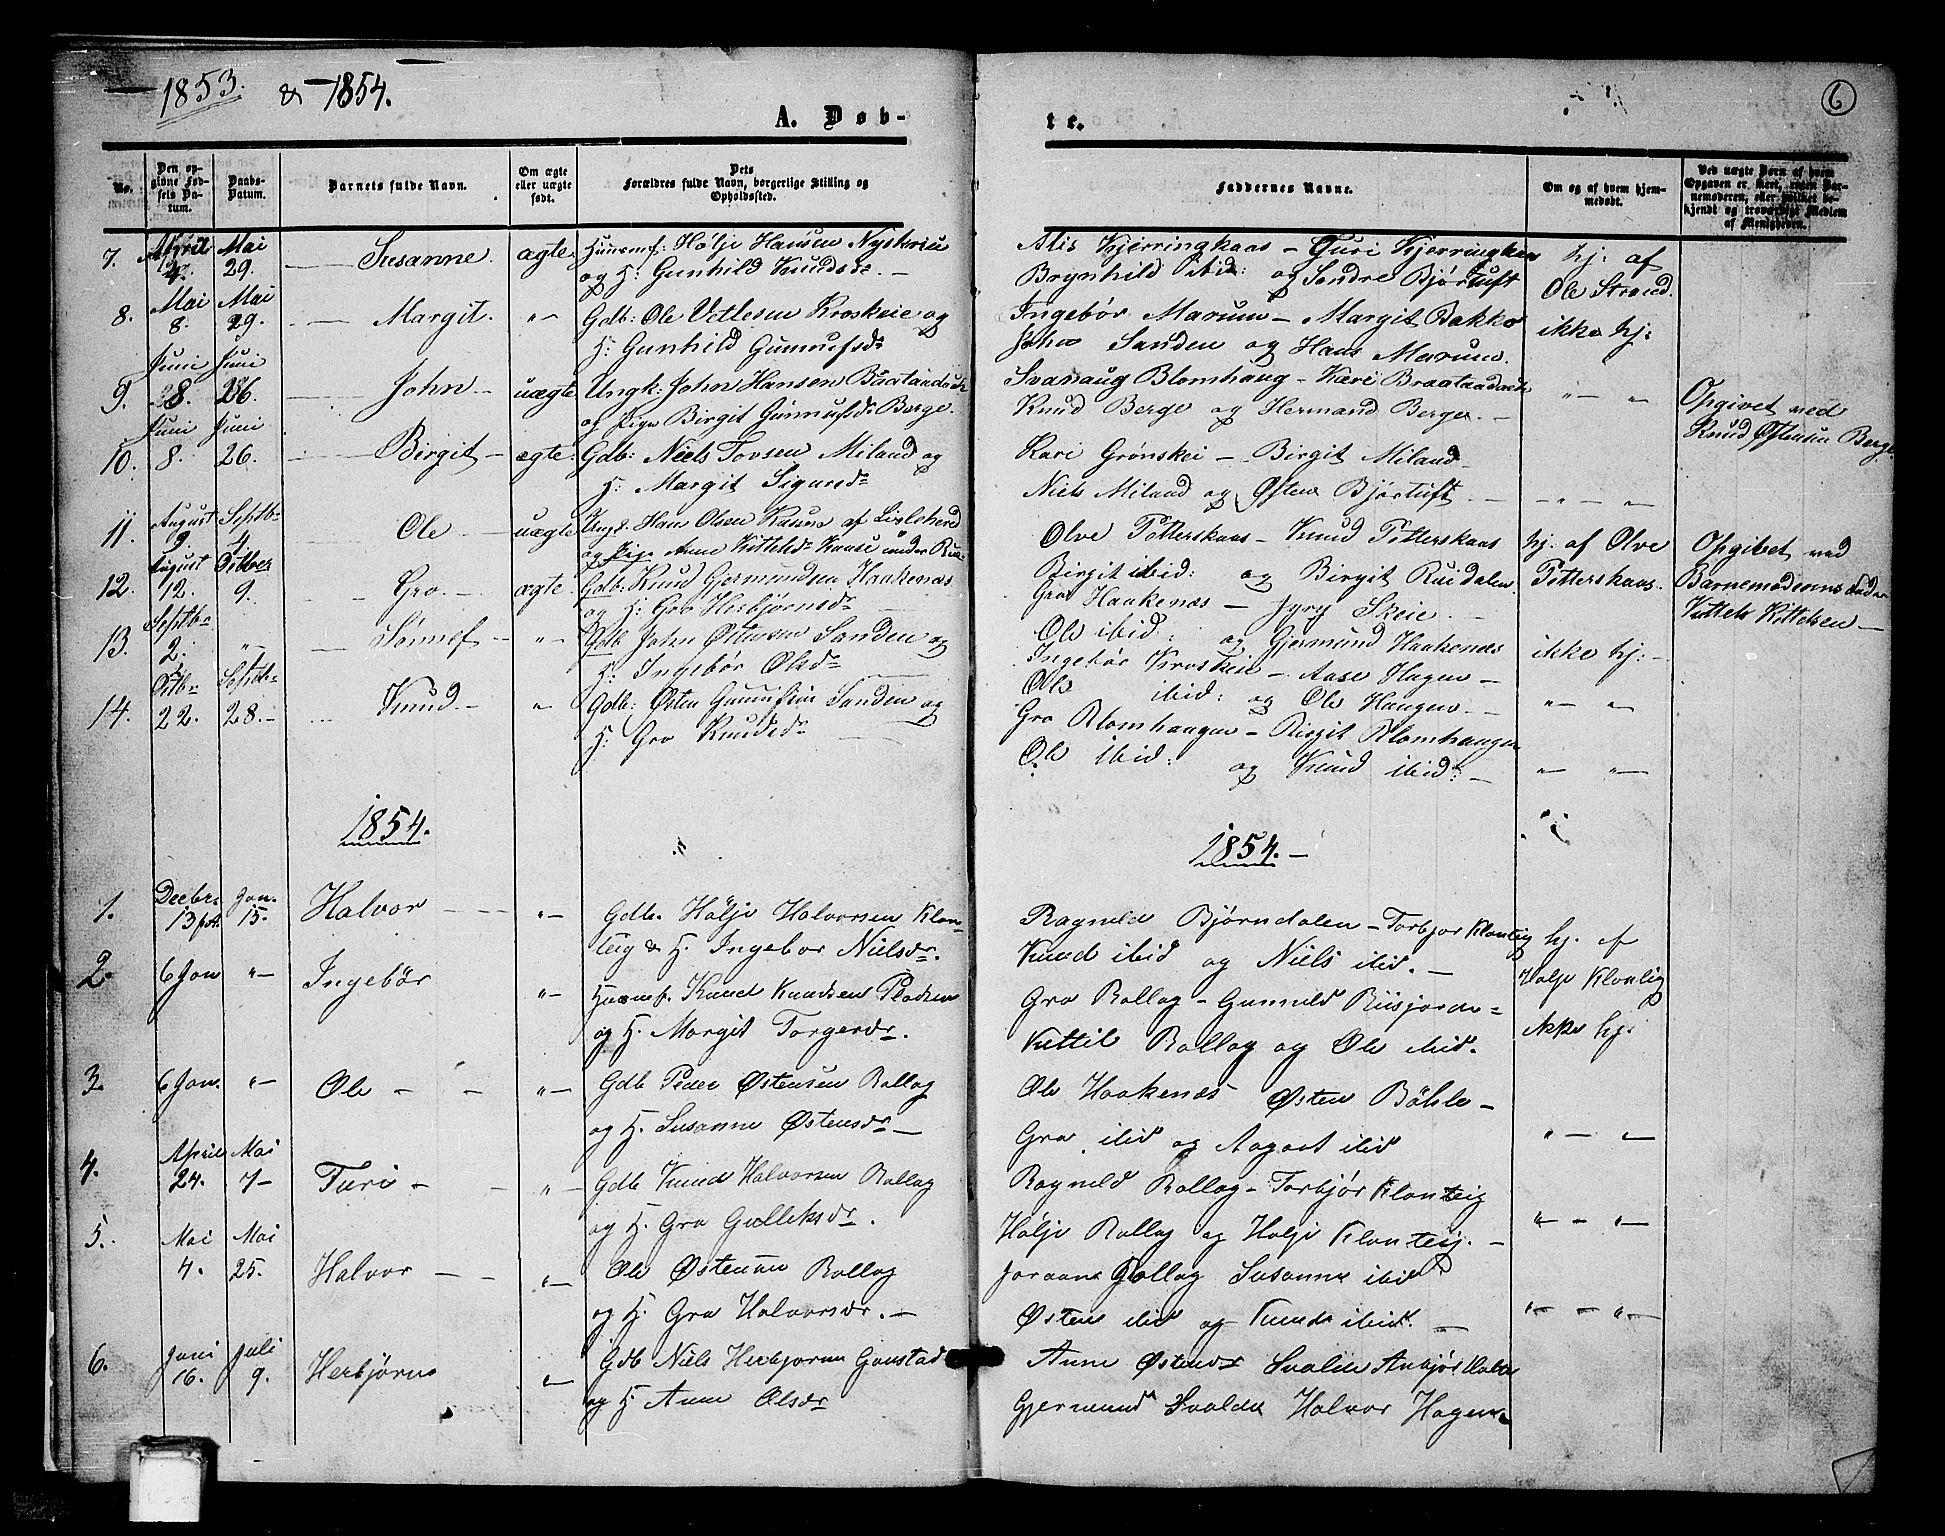 SAKO, Tinn kirkebøker, G/Gb/L0002: Klokkerbok nr. II 2, 1851-1886, s. 6